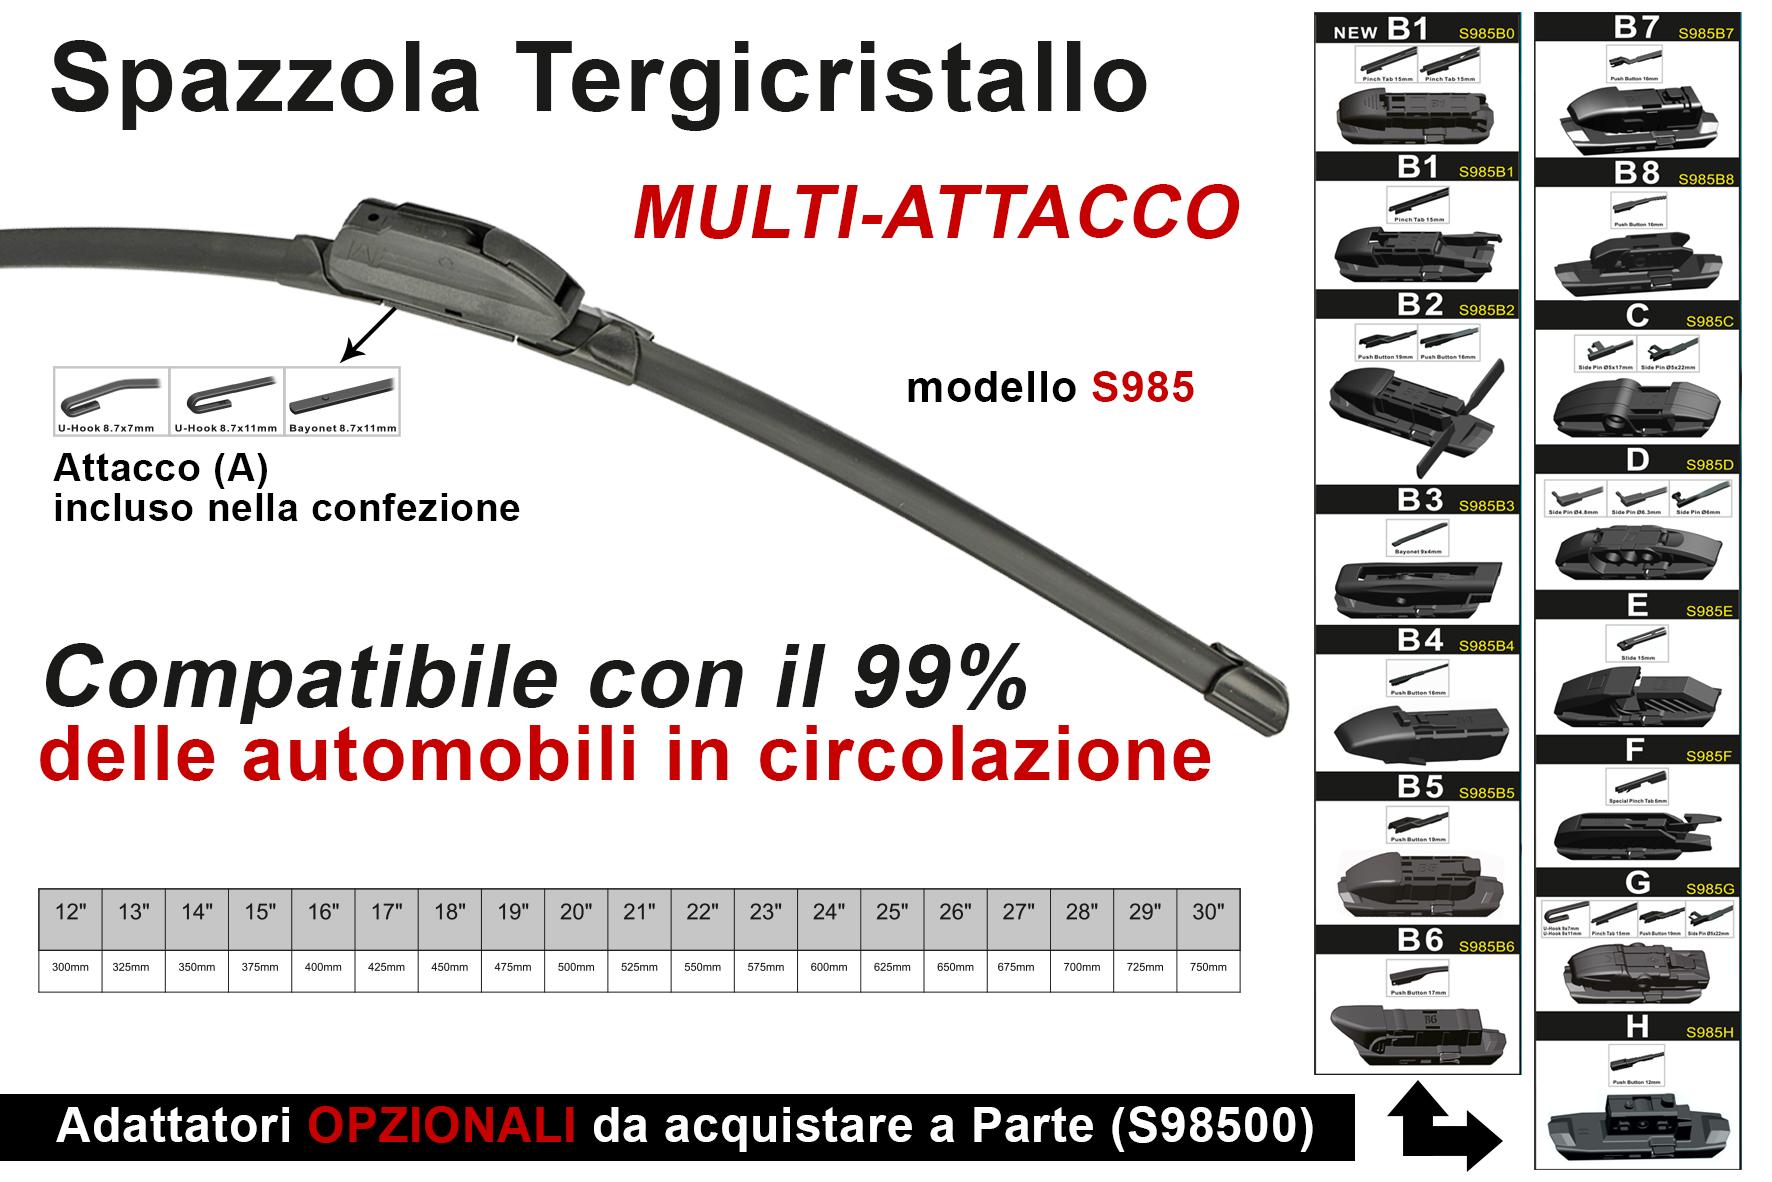 Spazzola Tergicristallo Auto Universale S985 30`` 750mm Carall 16 Attacchi Opzionale - PZ